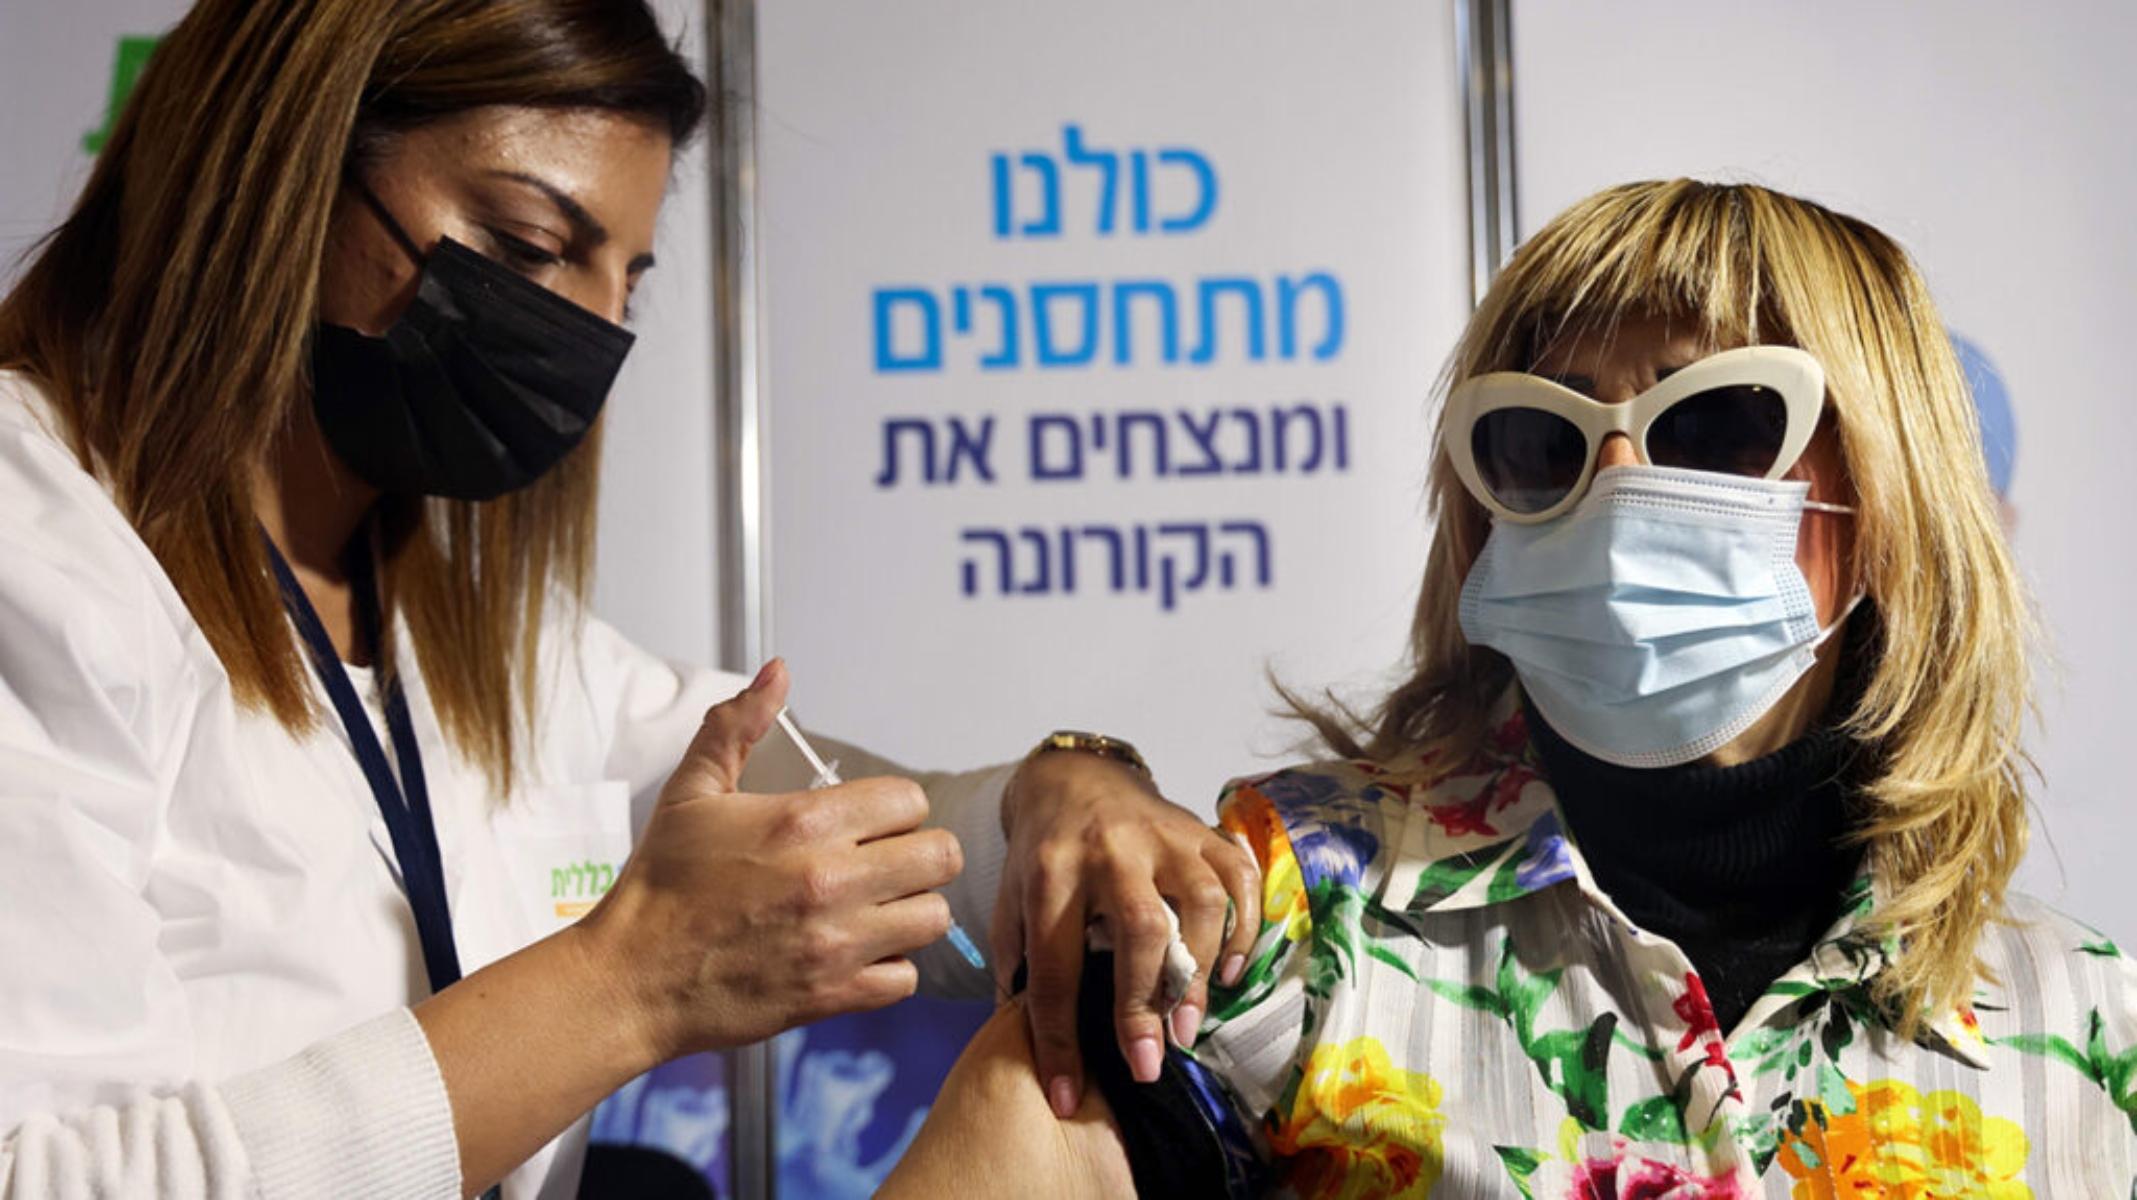 Ισραήλ Εμβολιασμός: Γιατί αποτελεί παράδειγμα προς μίμηση